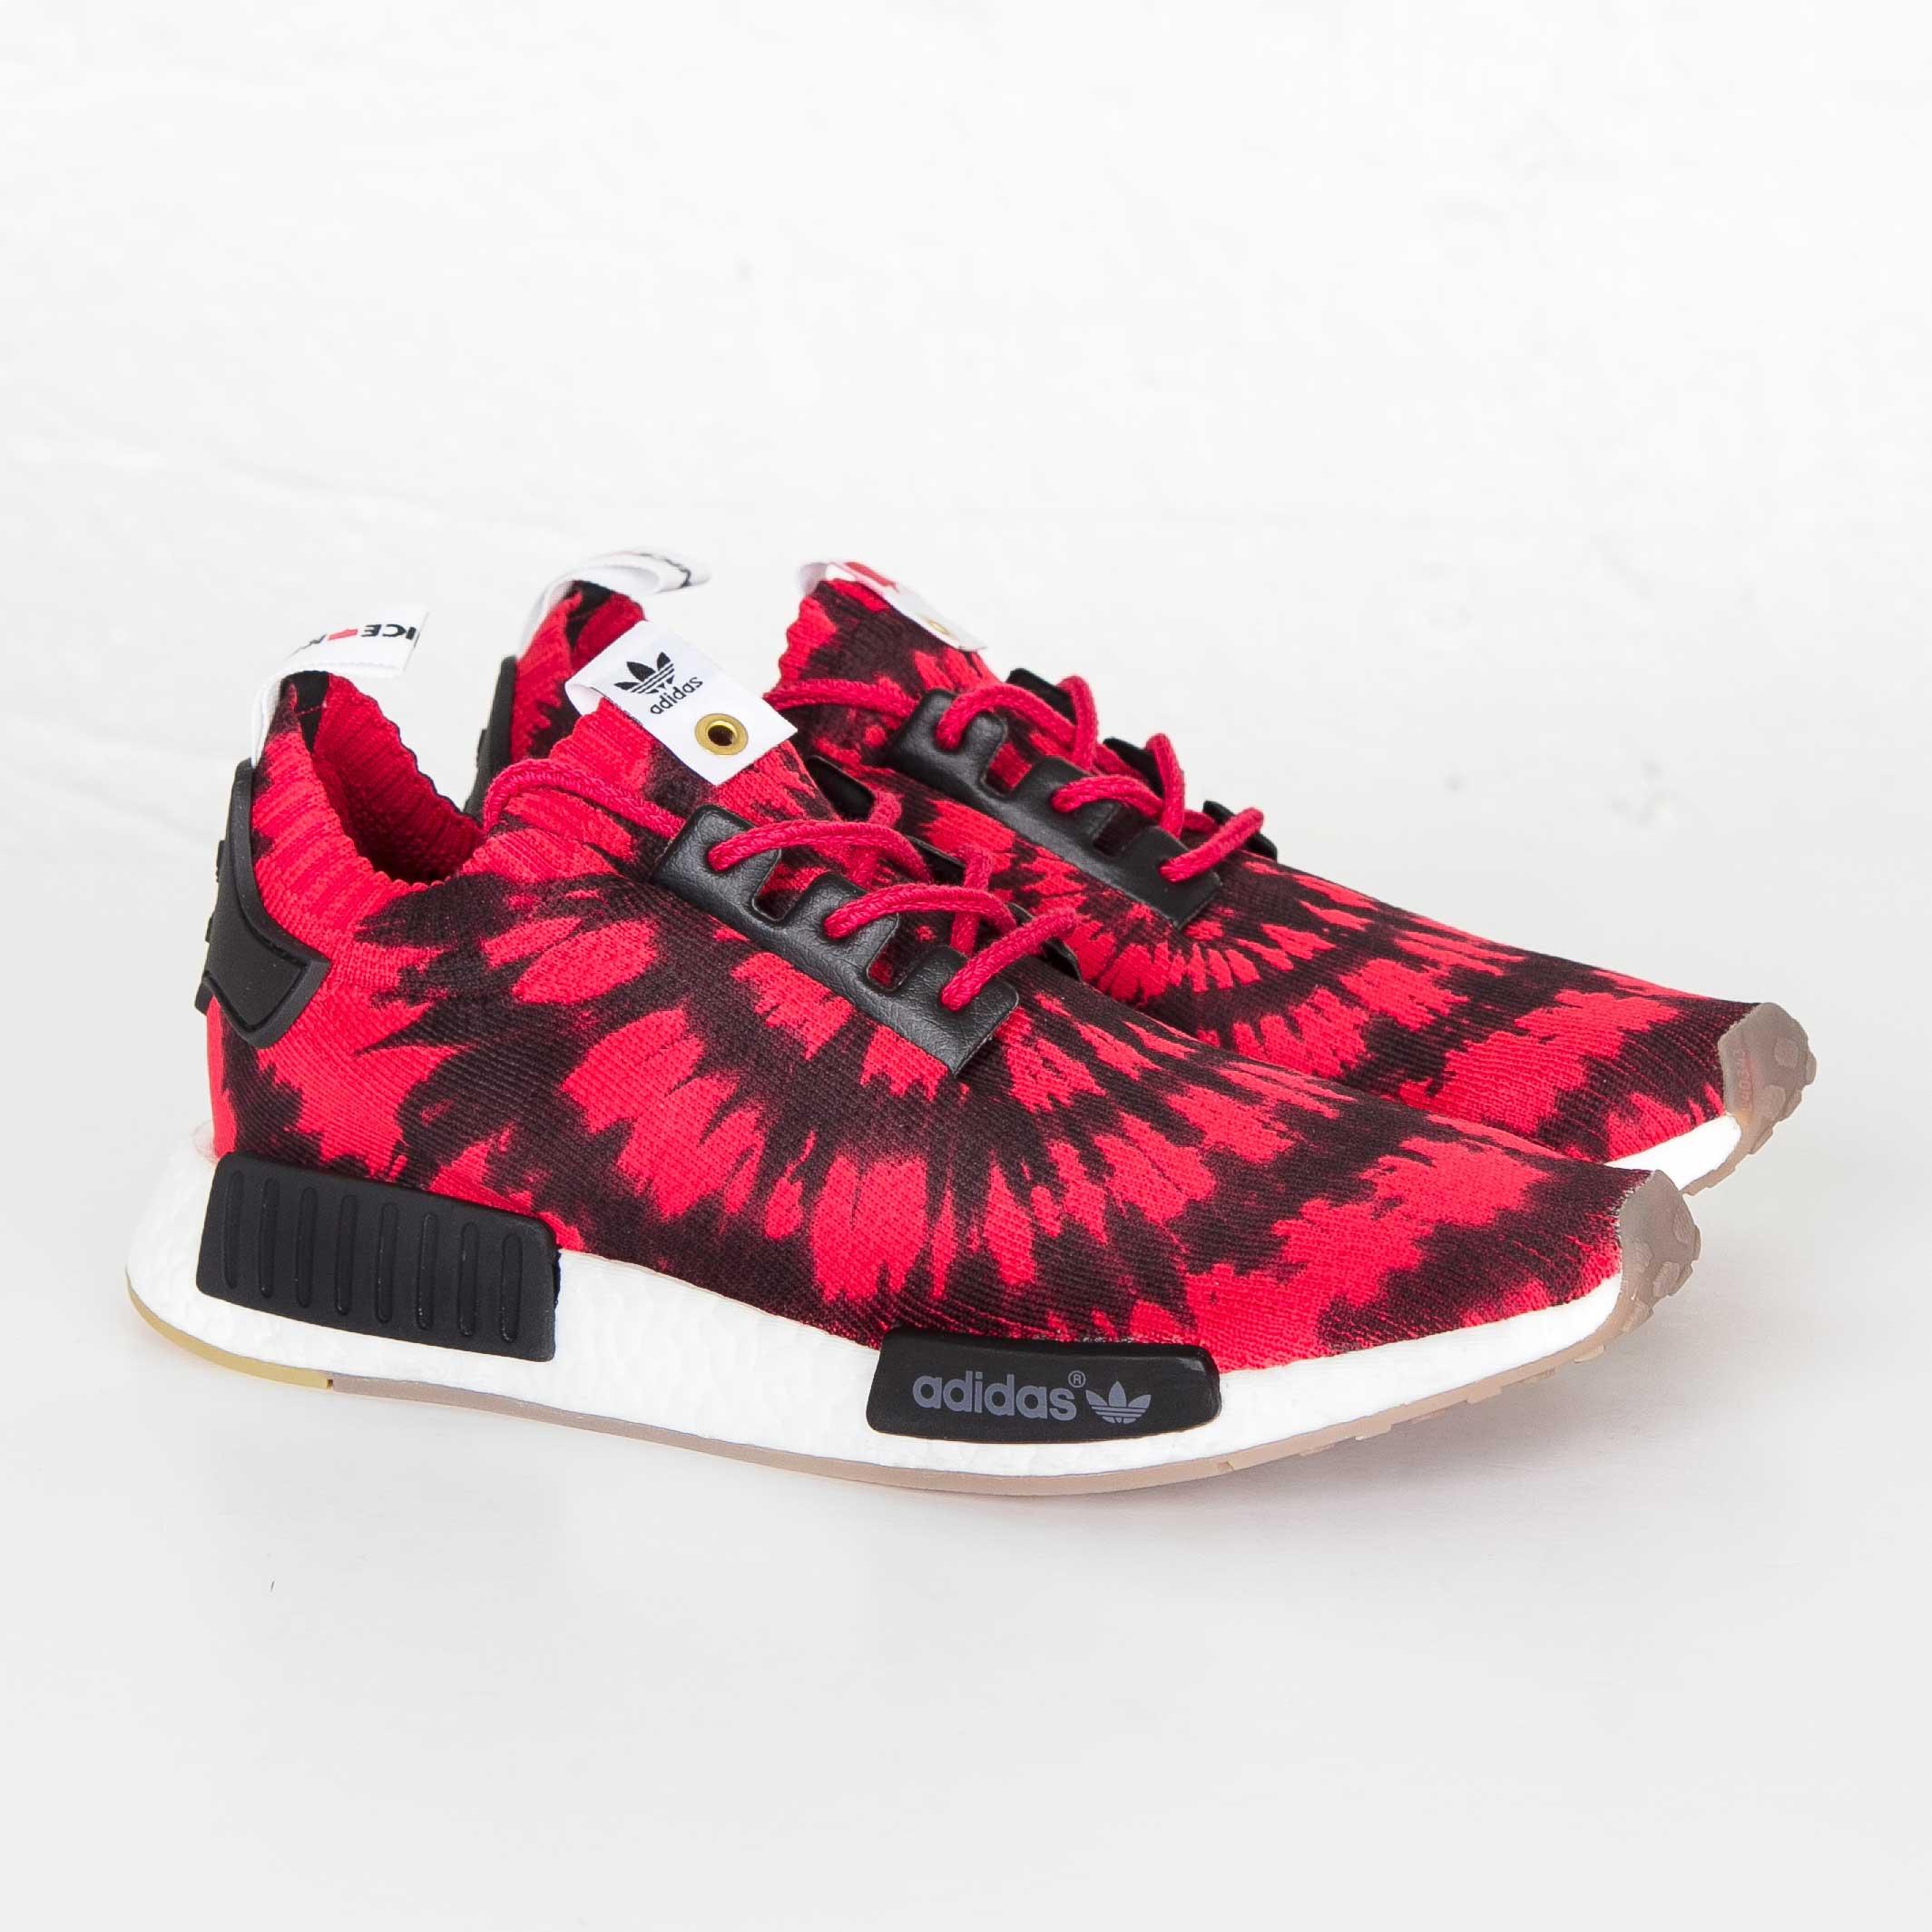 f6c310873 adidas NMD R1 PK x Nice Kicks - Aq4791 - Sneakersnstuff